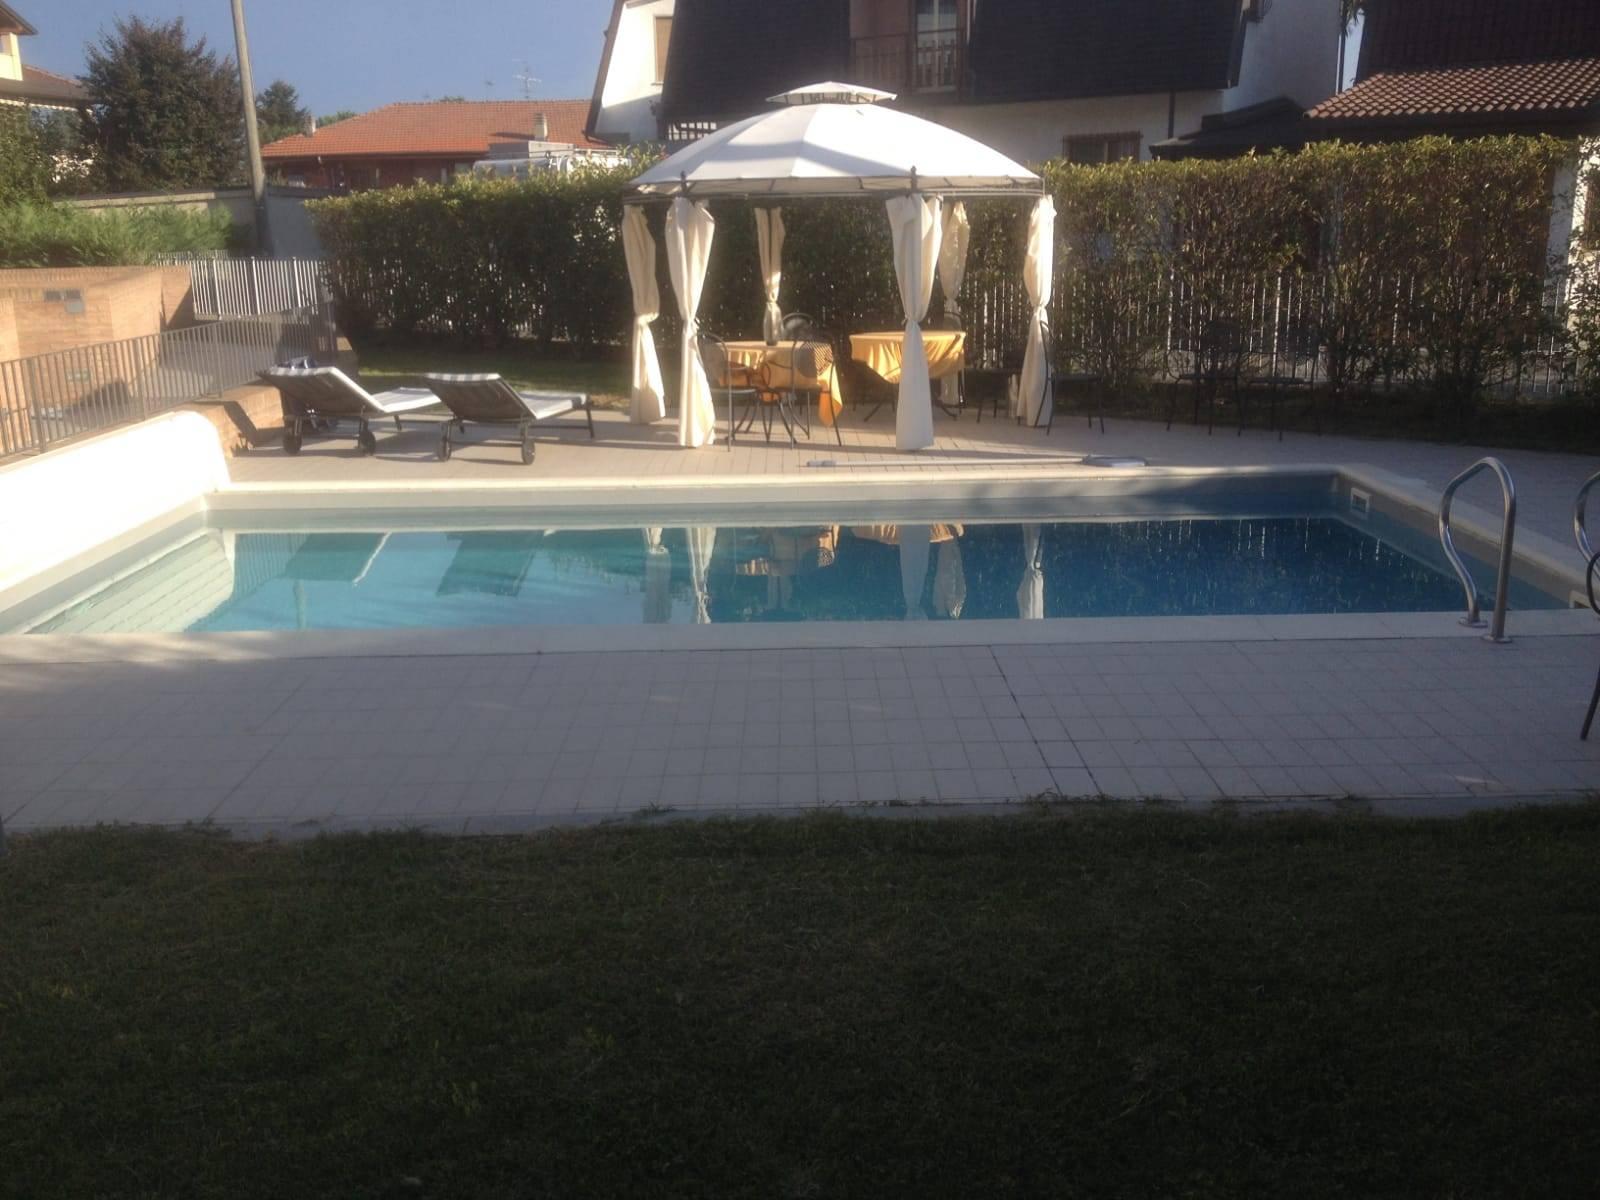 Appartamento in vendita a Robassomero, 5 locali, zona Località: Robassomero, prezzo € 285.000 | CambioCasa.it